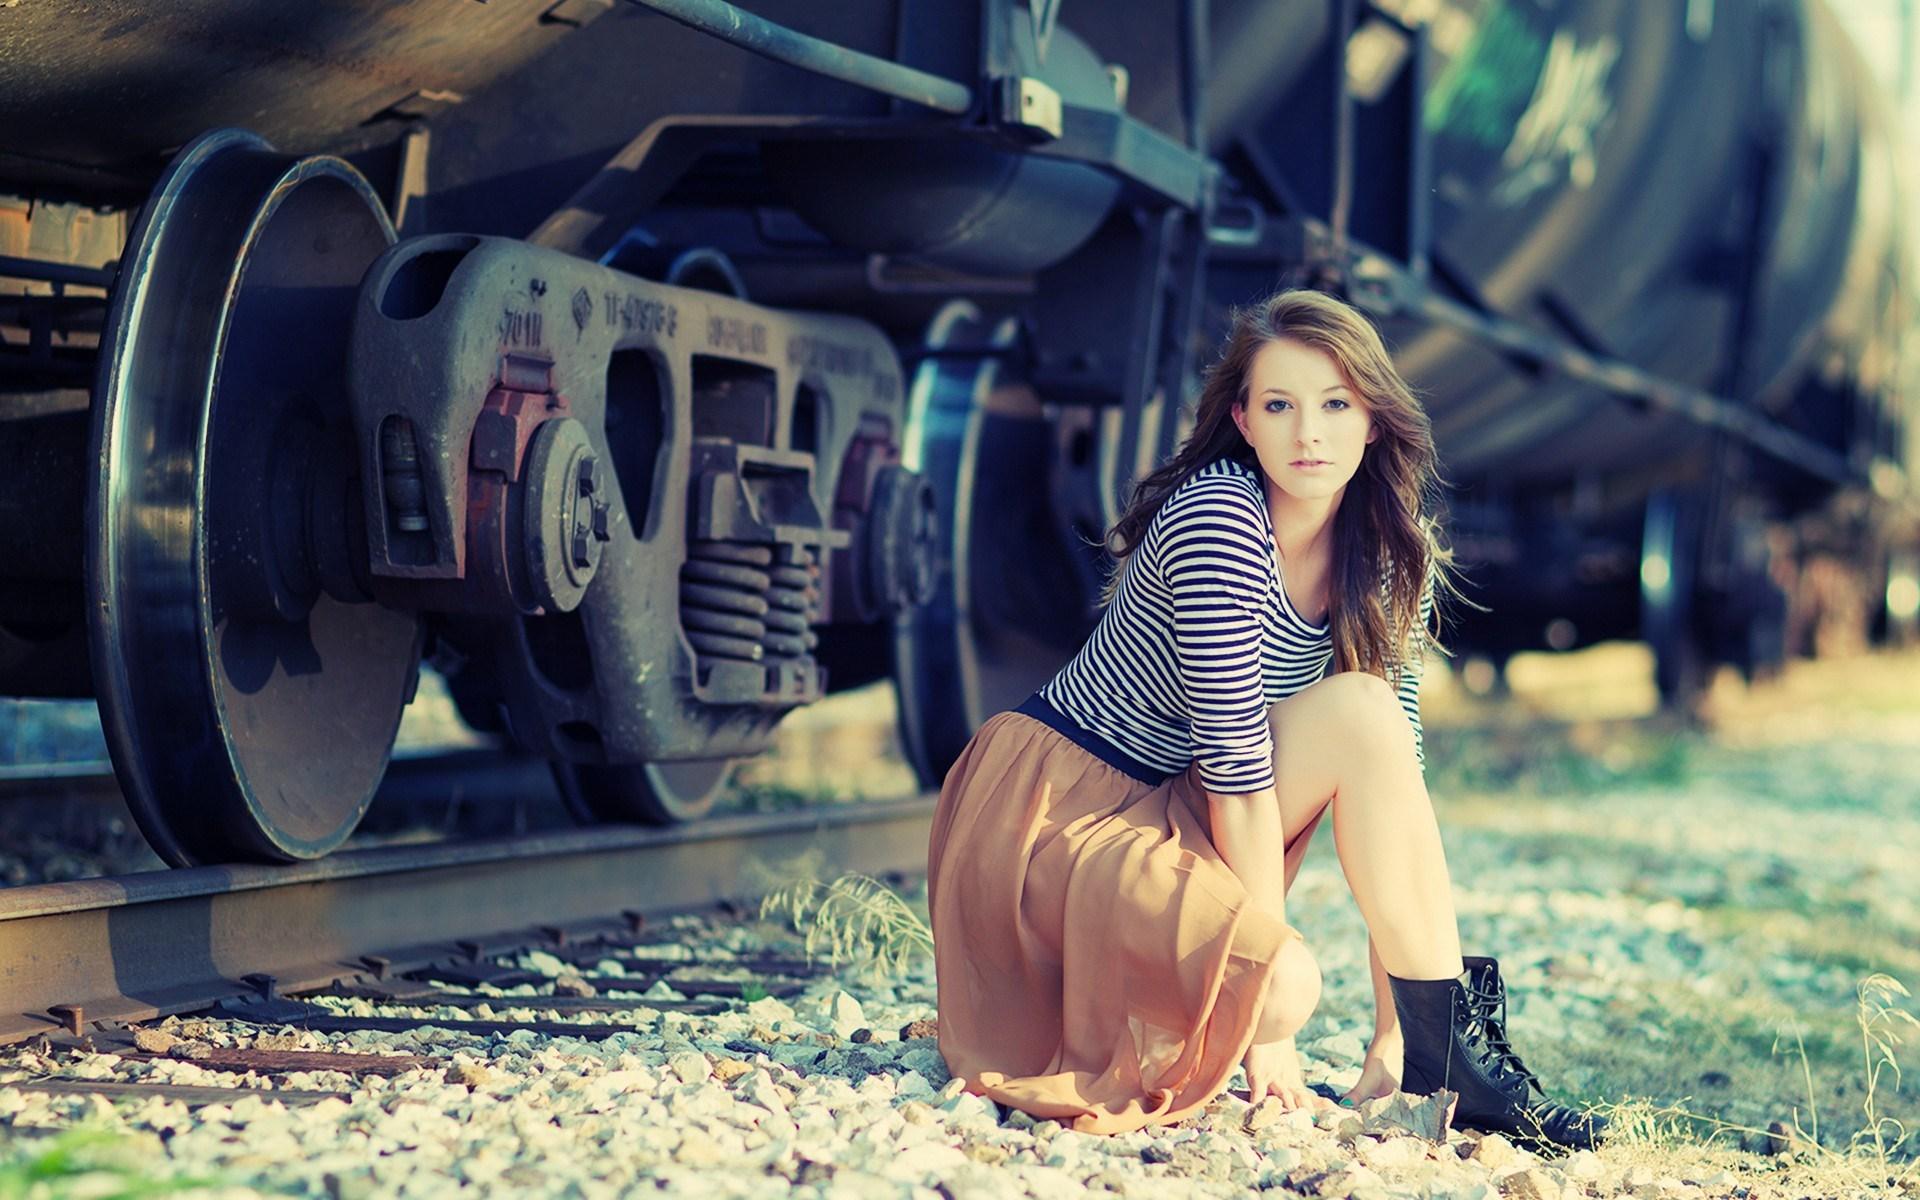 Beautiful Girl Train Photo HD Wallpaper